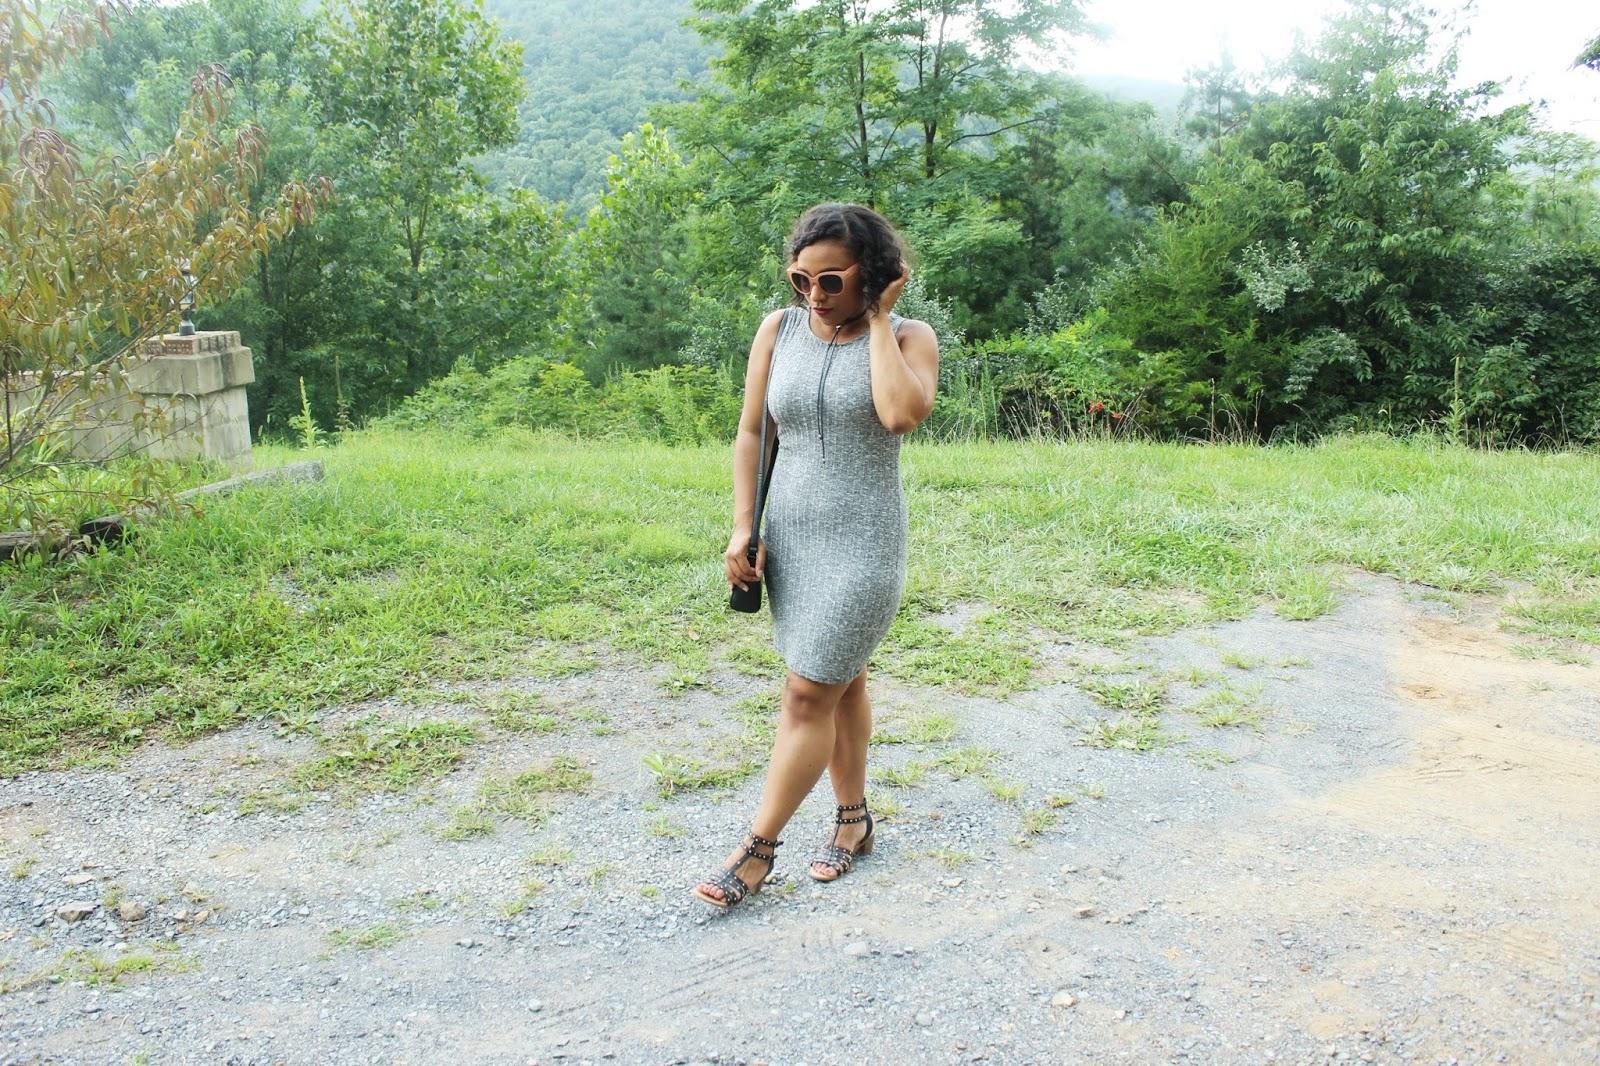 summer, countryside, city girl, dress, summer dress